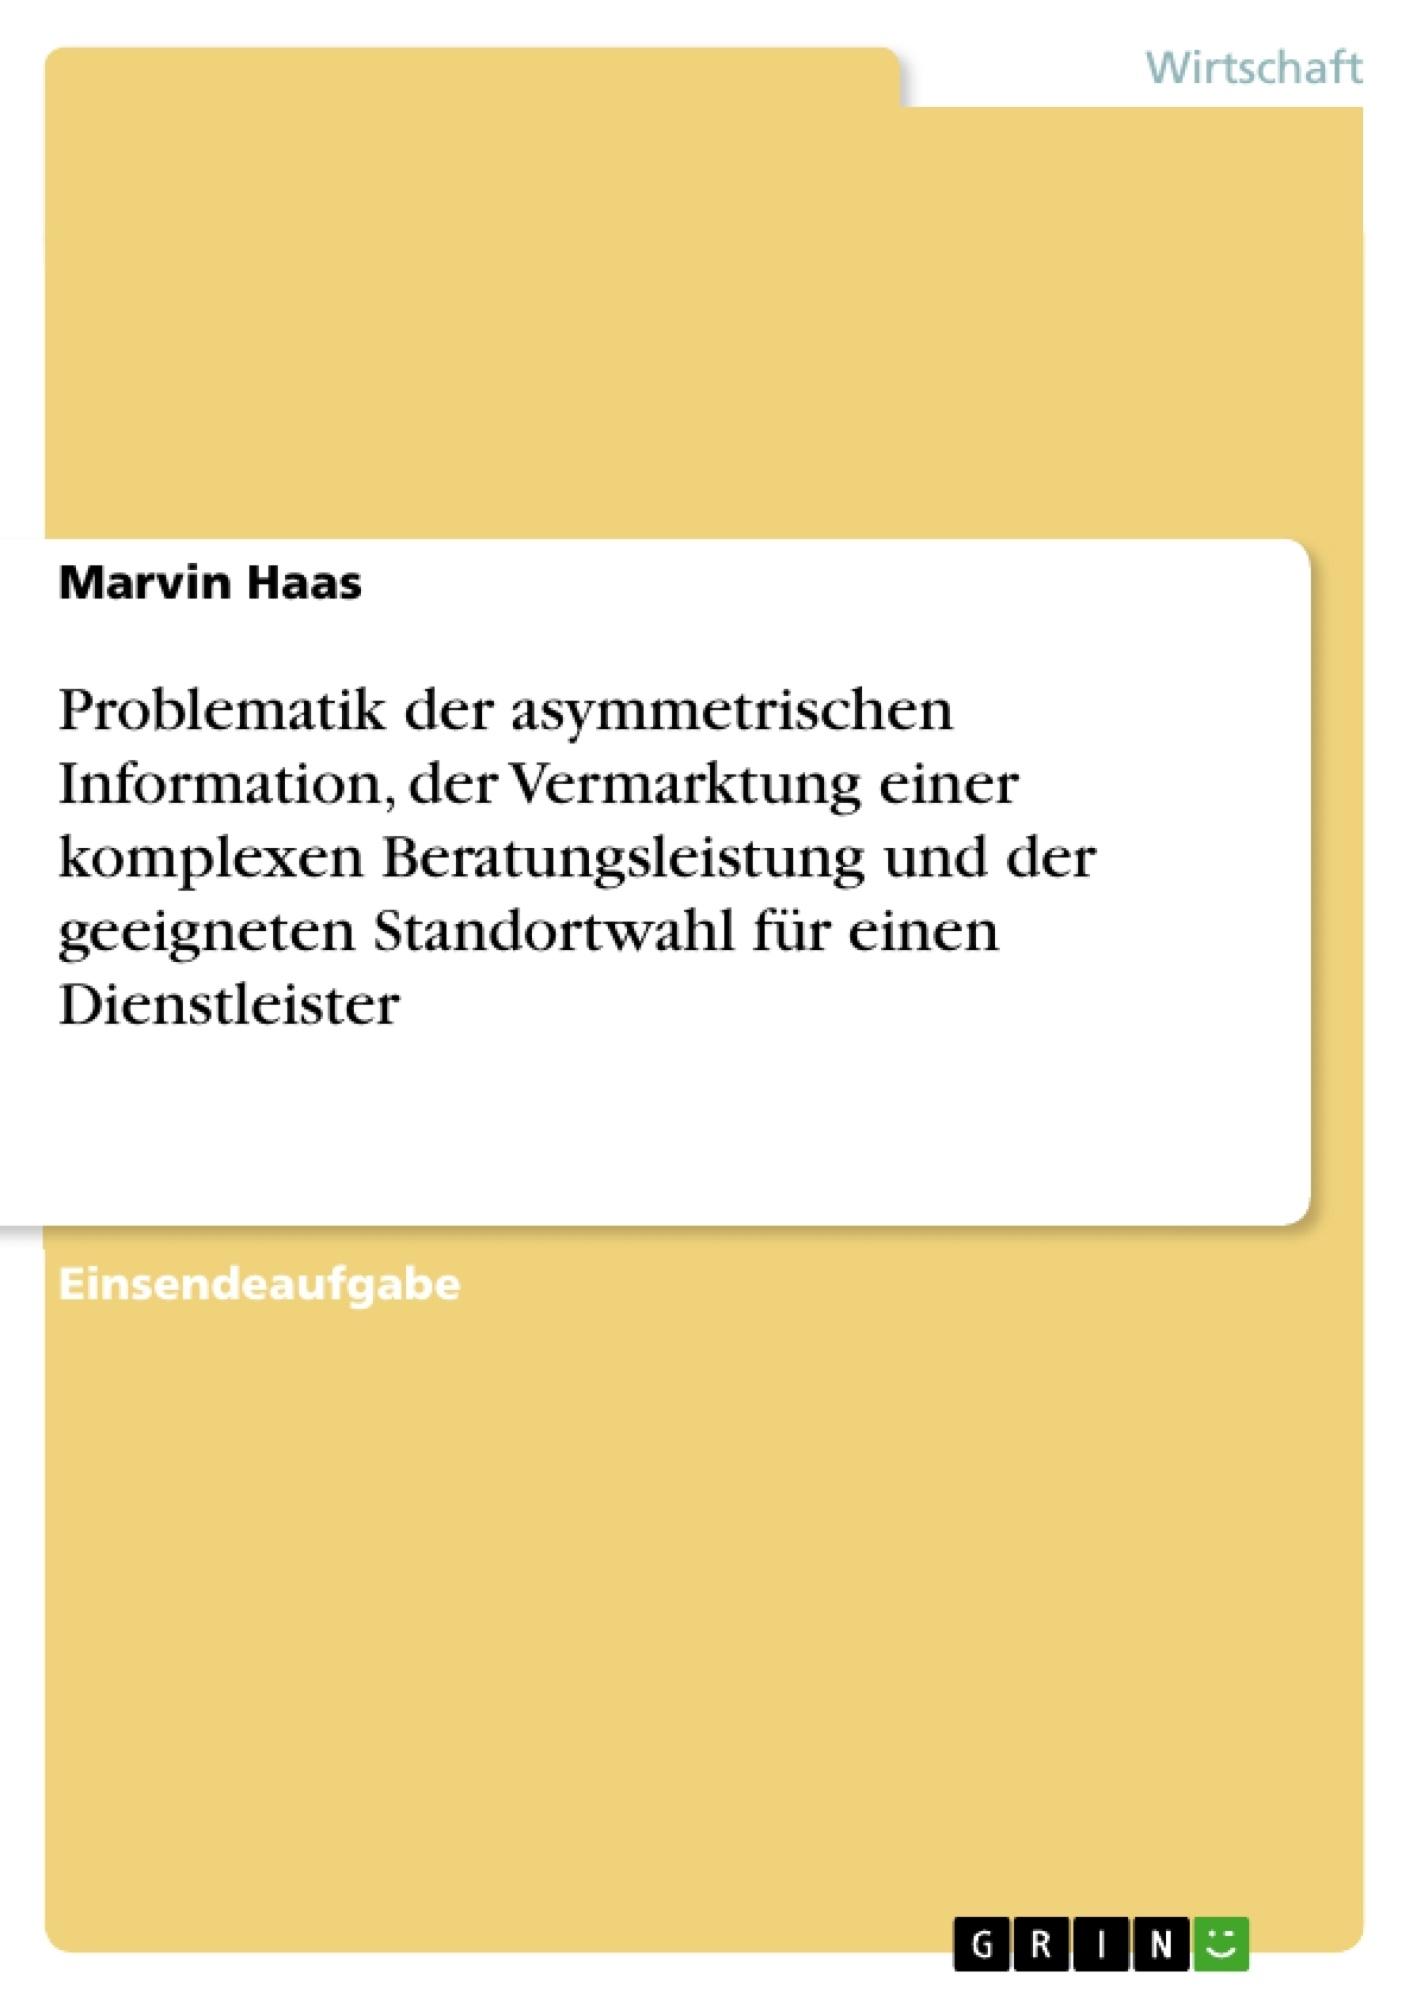 Titel: Problematik der asymmetrischen Information, der Vermarktung einer komplexen Beratungsleistung und der geeigneten Standortwahl für einen Dienstleister